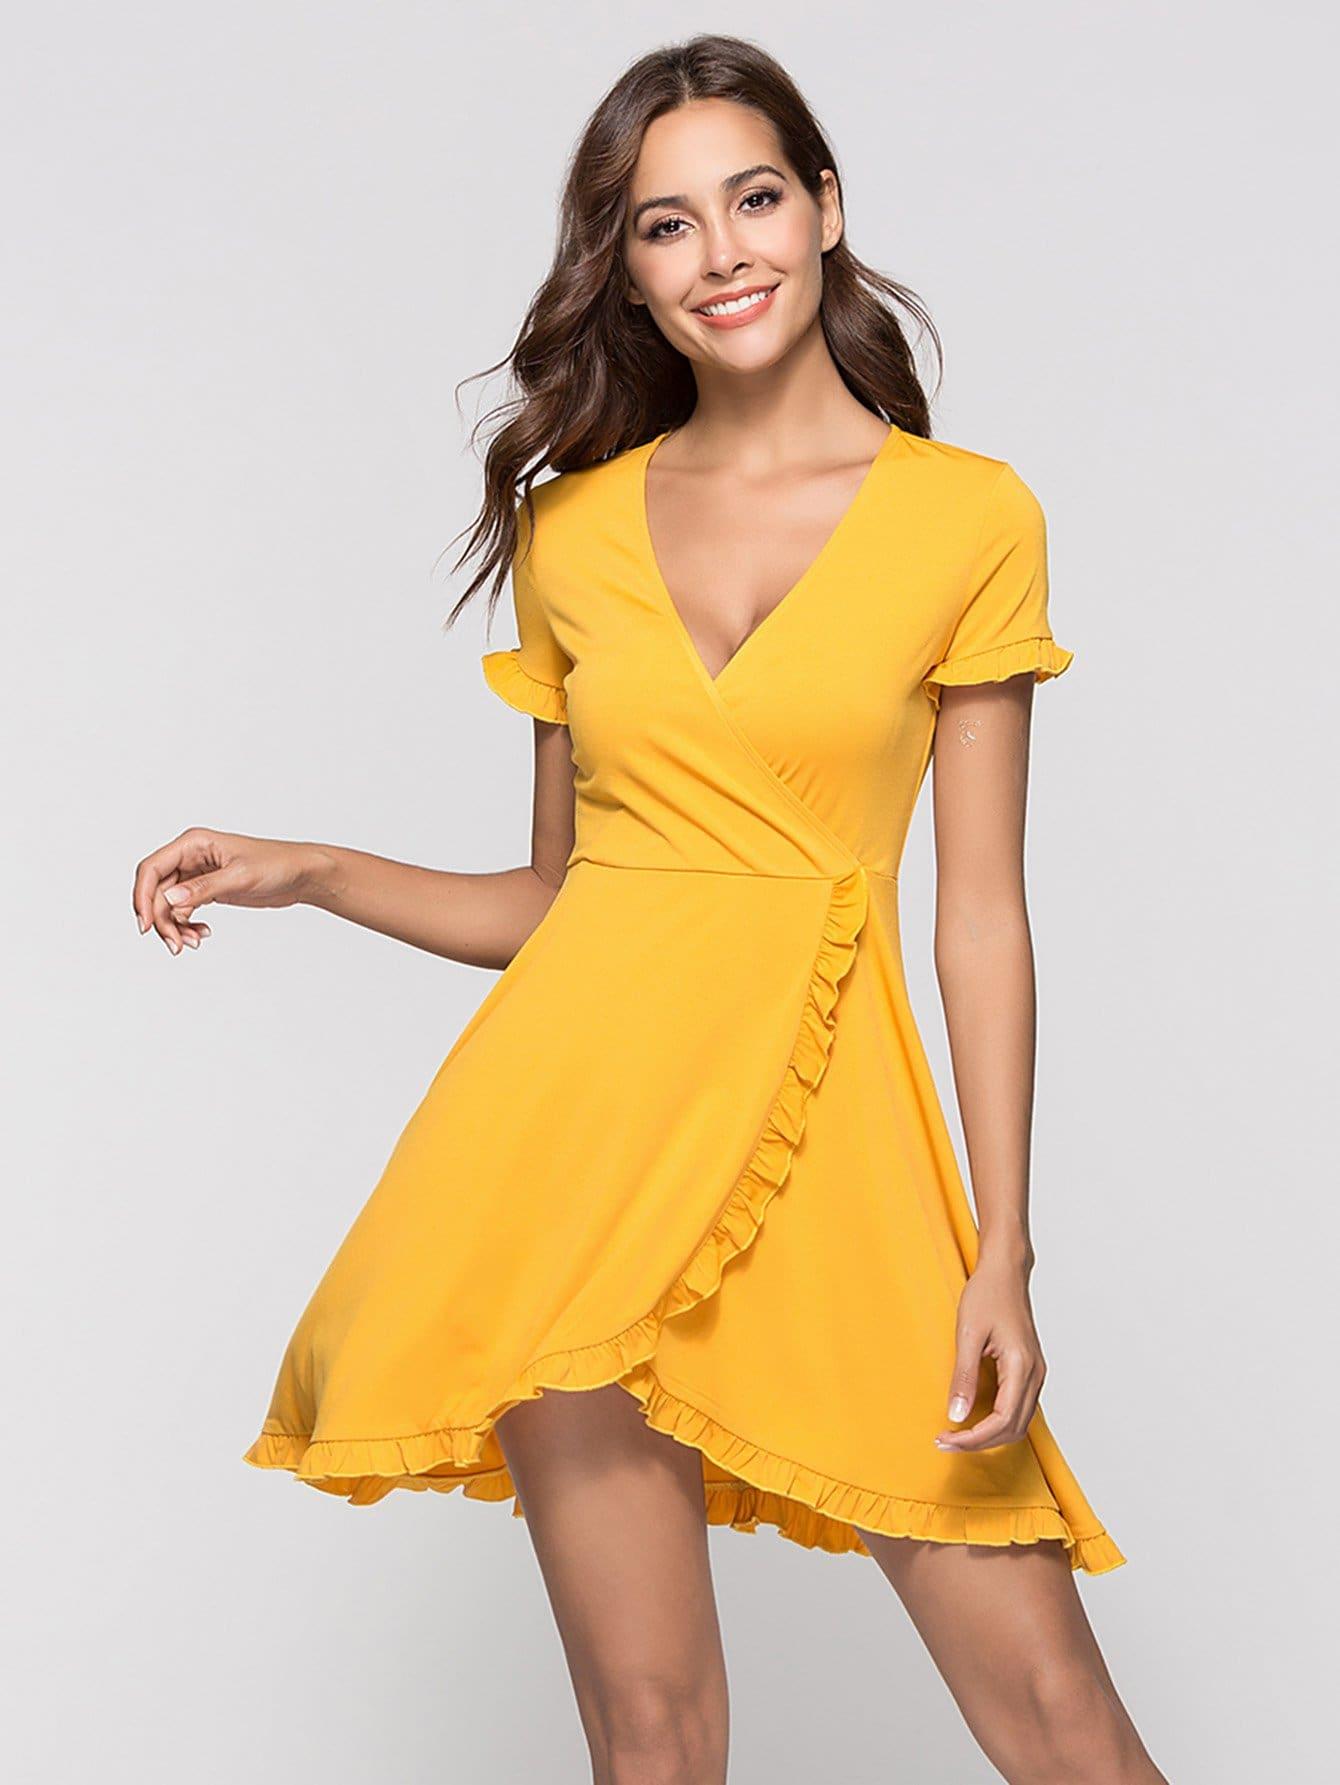 Deep V Neckline Frill Trim Dress v neckline frill trim striped top